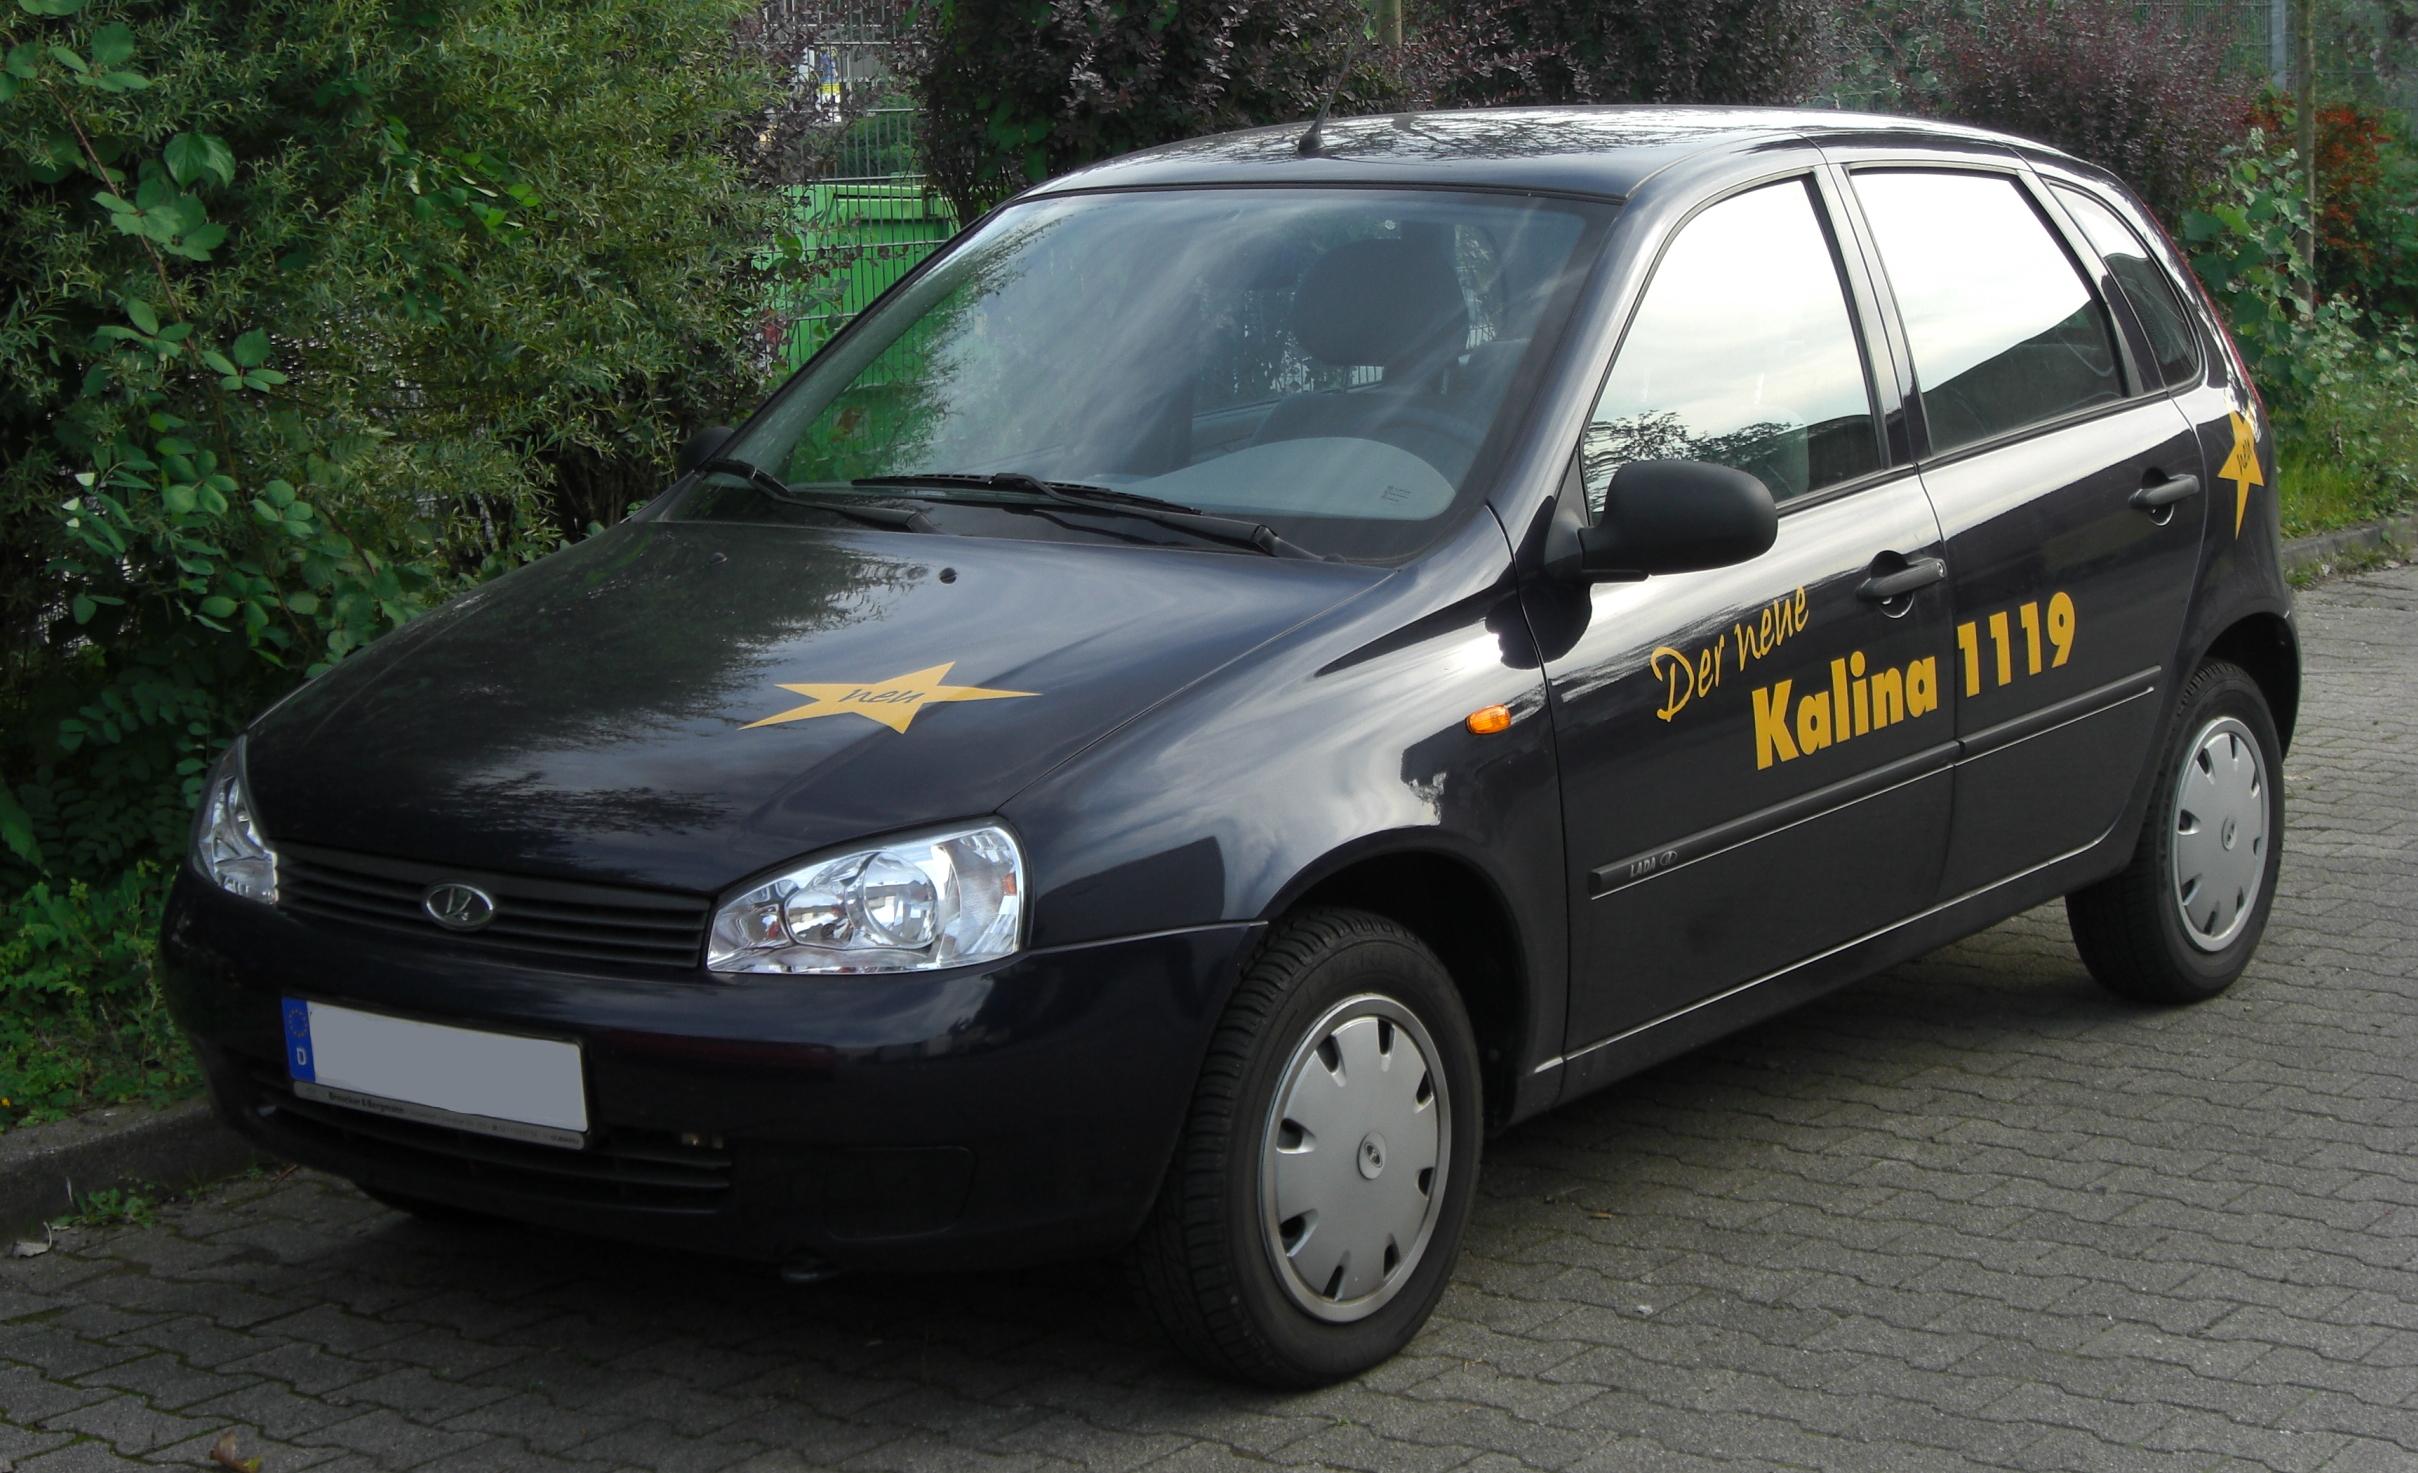 File:Lada Kalina 1119 front.JPG